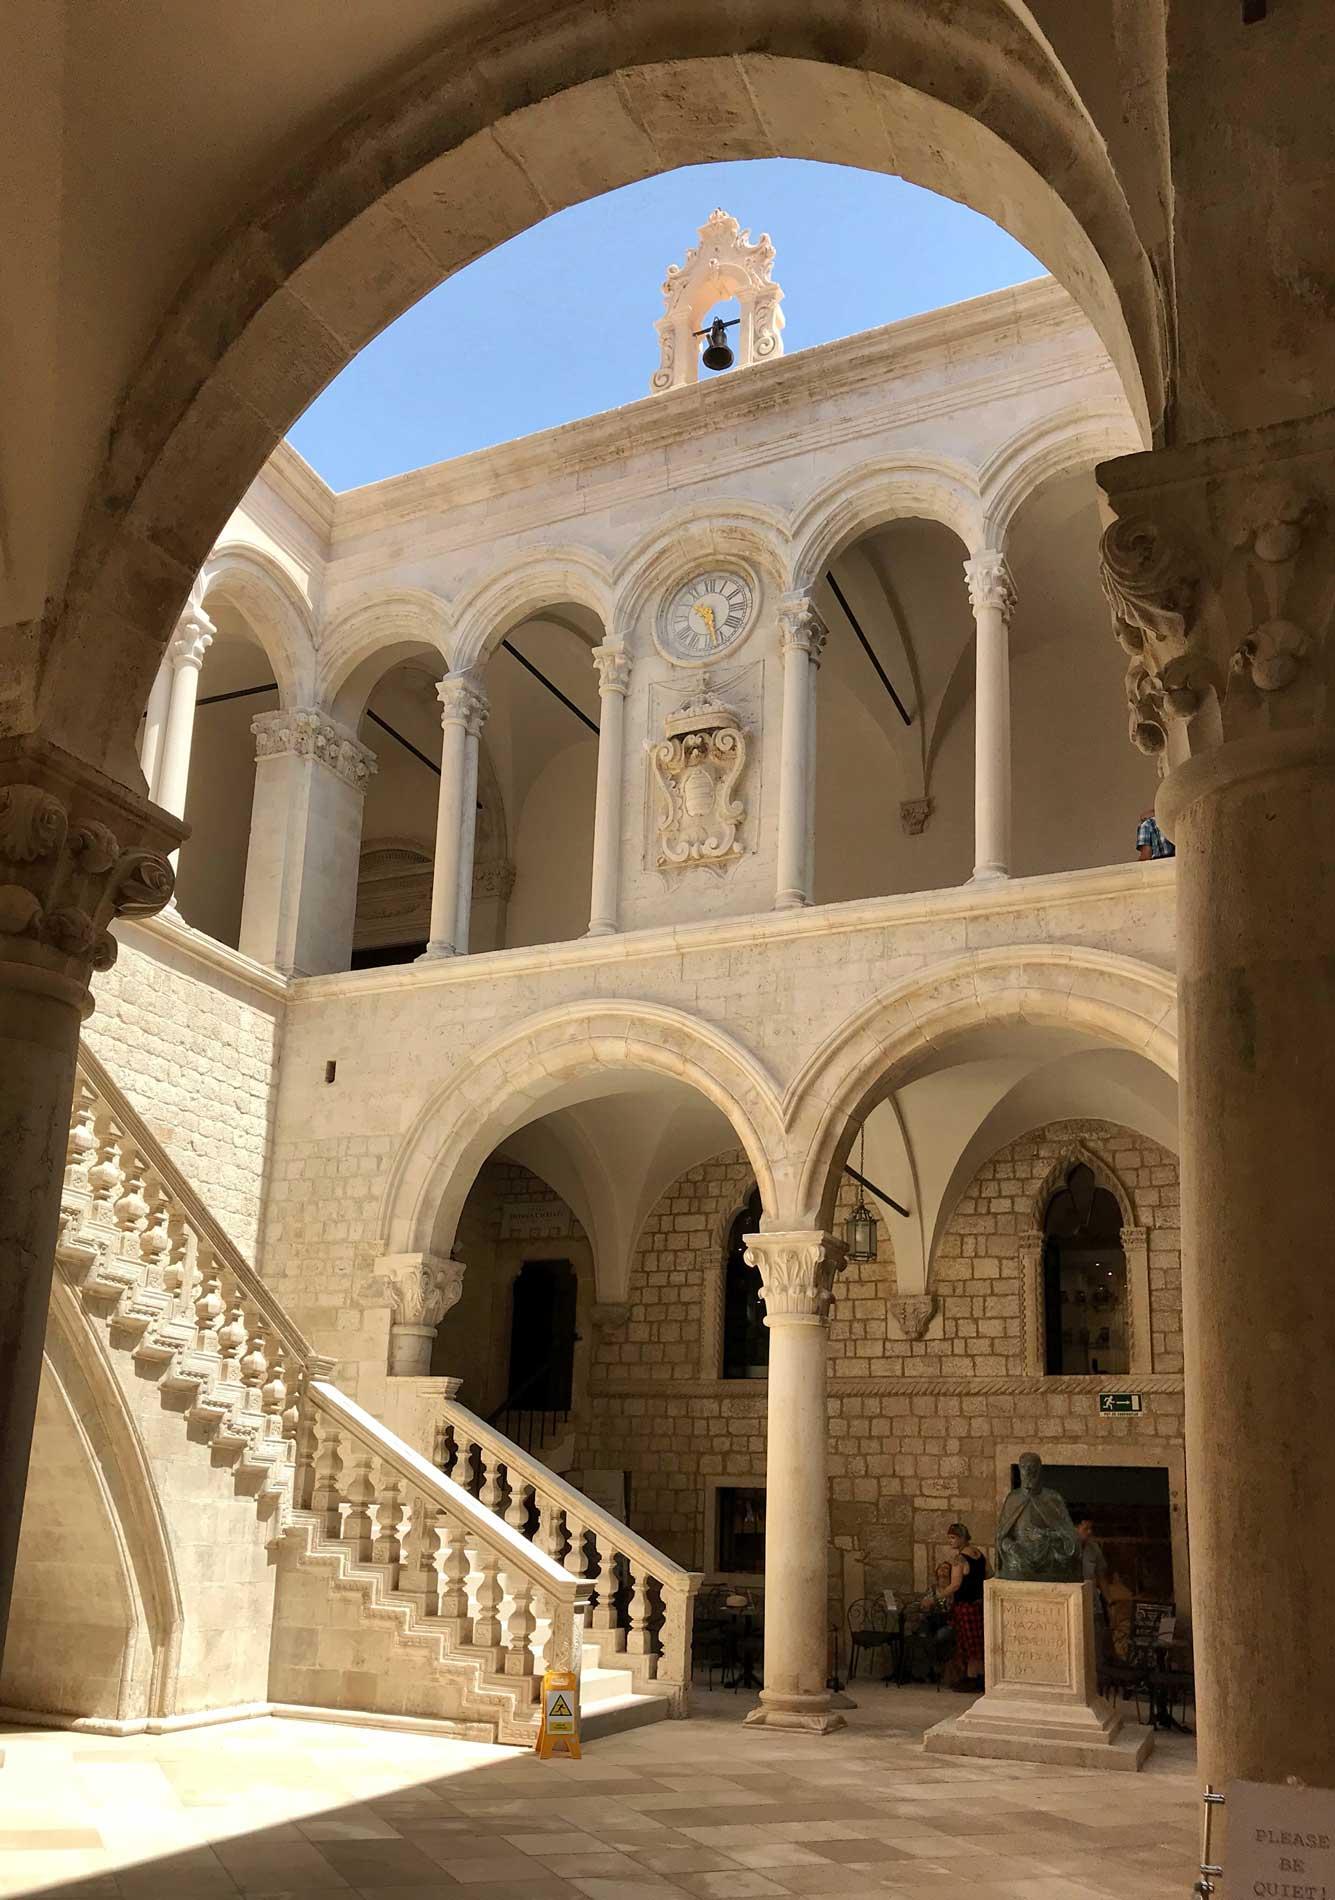 Dubrovnik-Croazia-Palazzo-dei-rettori-cortile-centrale-pietra-bianca